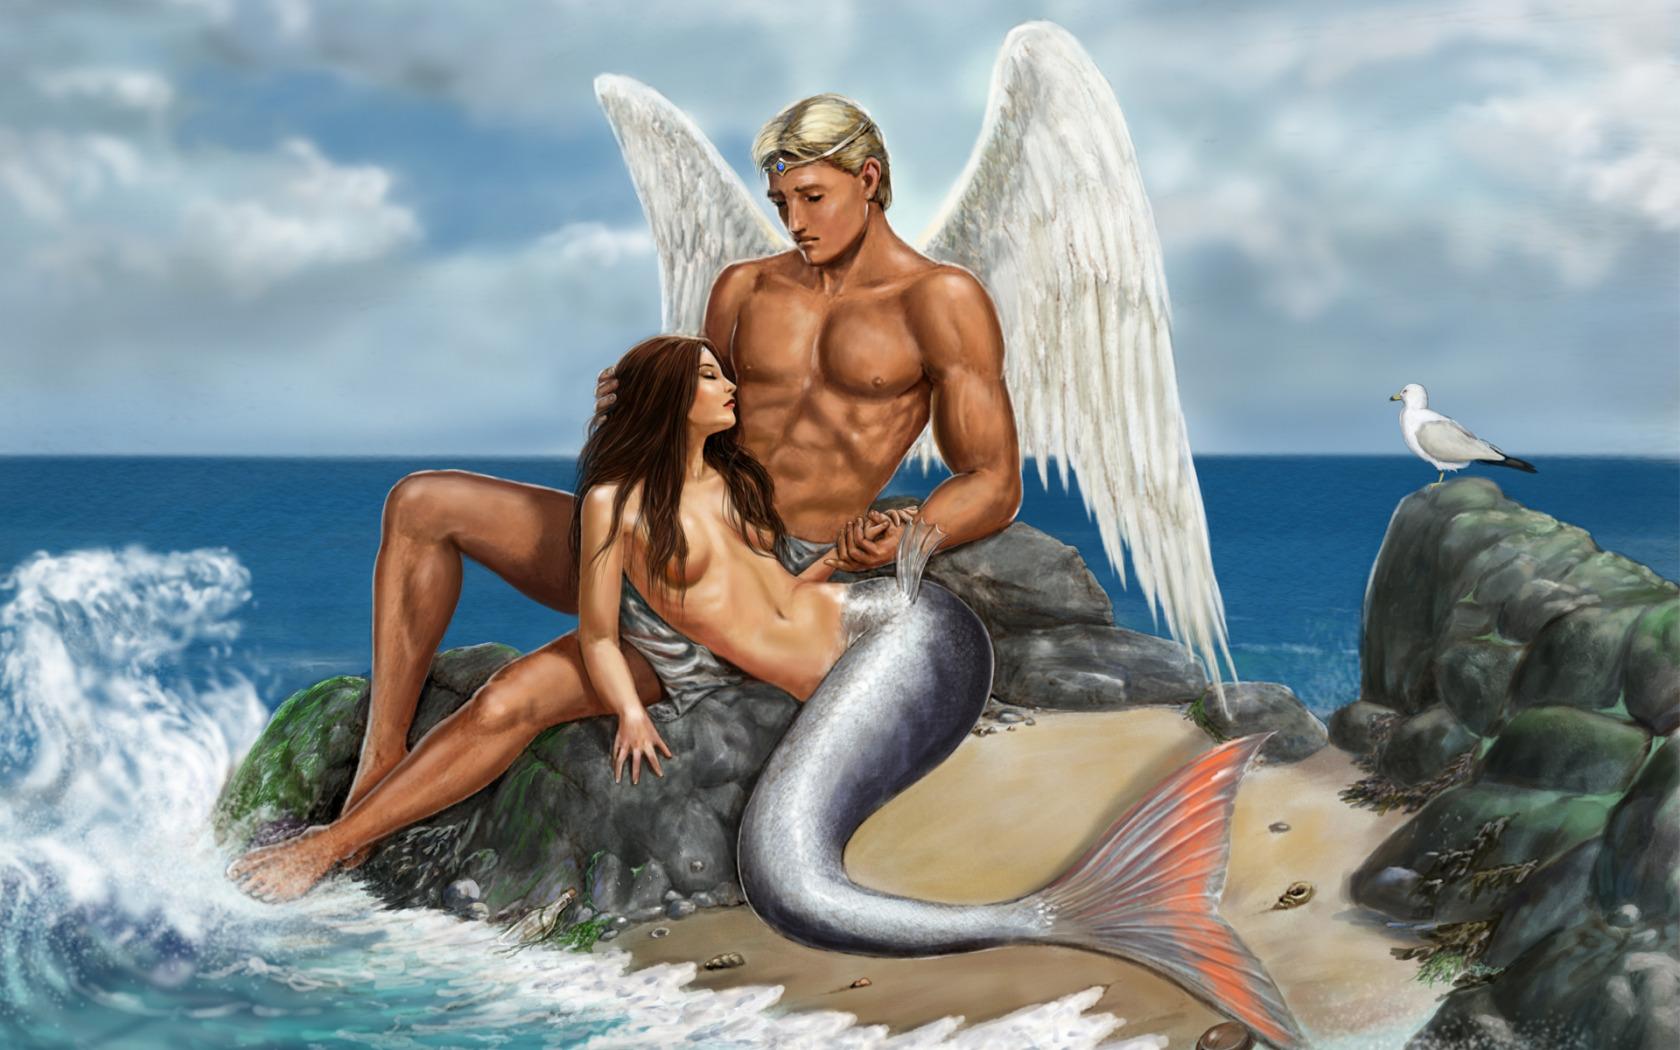 Порно фото из фильма Пираты Карибского моря